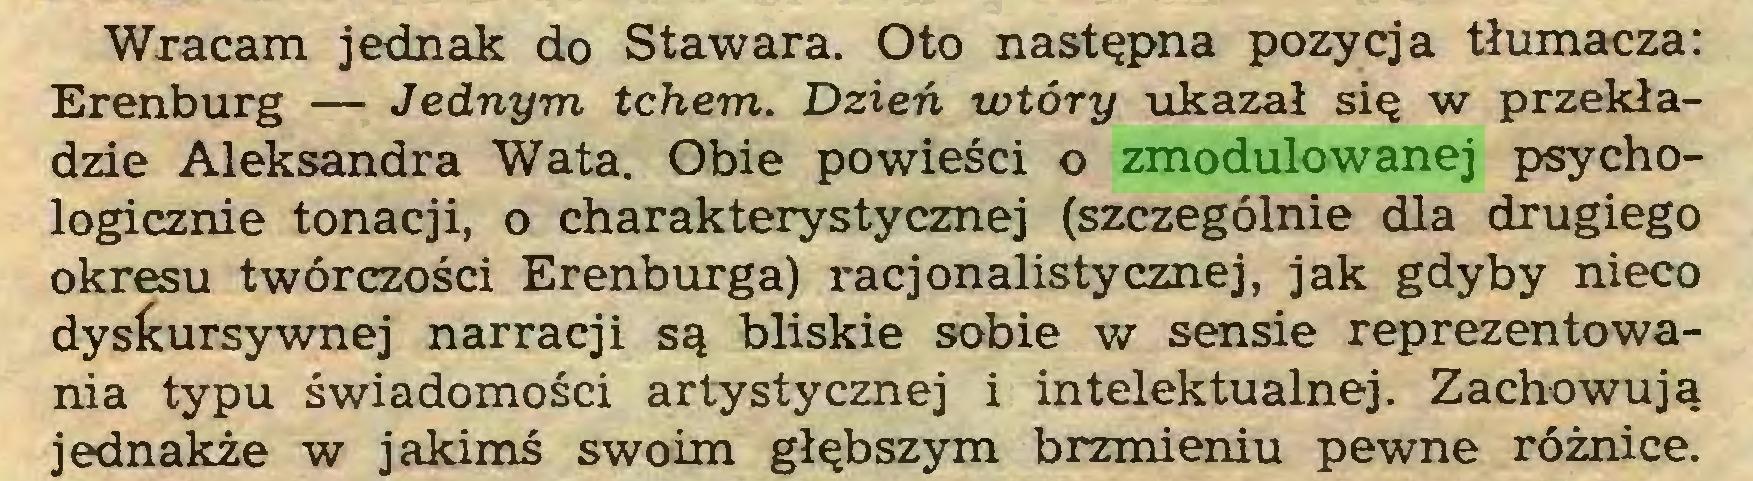 (...) Wracam jednak do Stawara. Oto następna pozycja tłumacza: Erenburg — Jednym tchem. Dzień wtóry ukazał się w przekładzie Aleksandra Wata. Obie powieści o zmodulowanej psychologicznie tonacji, o charakterystycznej (szczególnie dla drugiego okresu twórczości Erenburga) racjonalistycznej, jak gdyby nieco dyslćursywnej narracji są bliskie sobie w sensie reprezentowania typu świadomości artystycznej i intelektualnej. Zachowują jednakże w jakimś swoim głębszym brzmieniu pewne różnice...